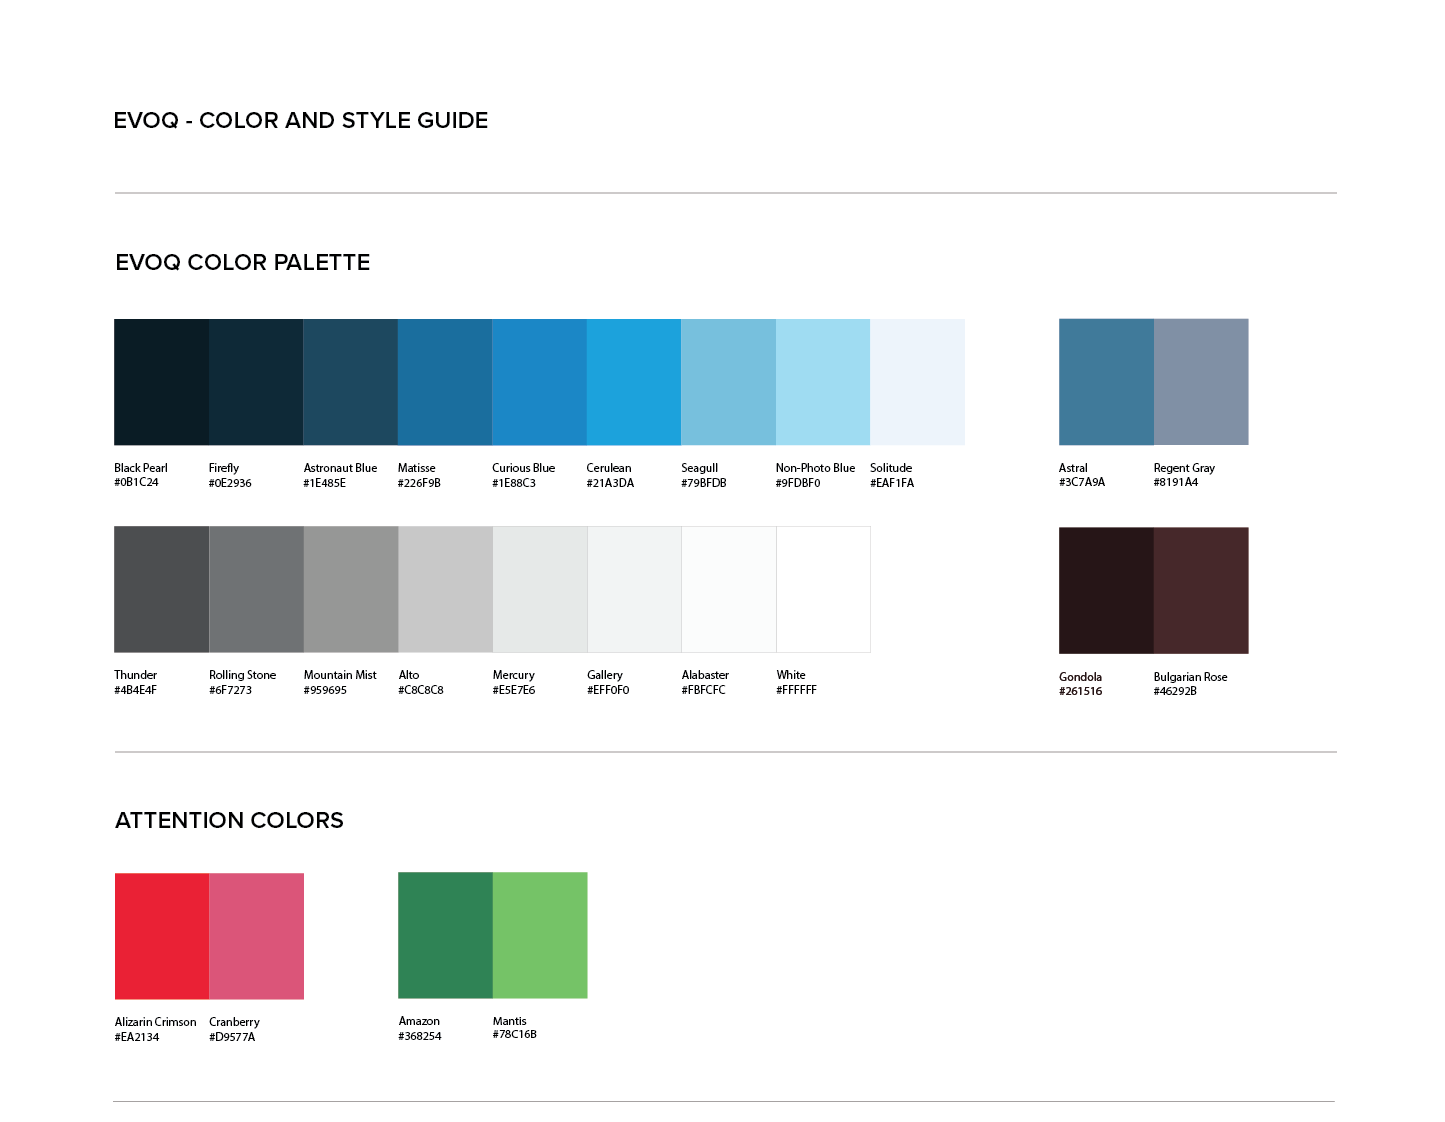 Persona Bar Style Guide - Evoq Color Palette